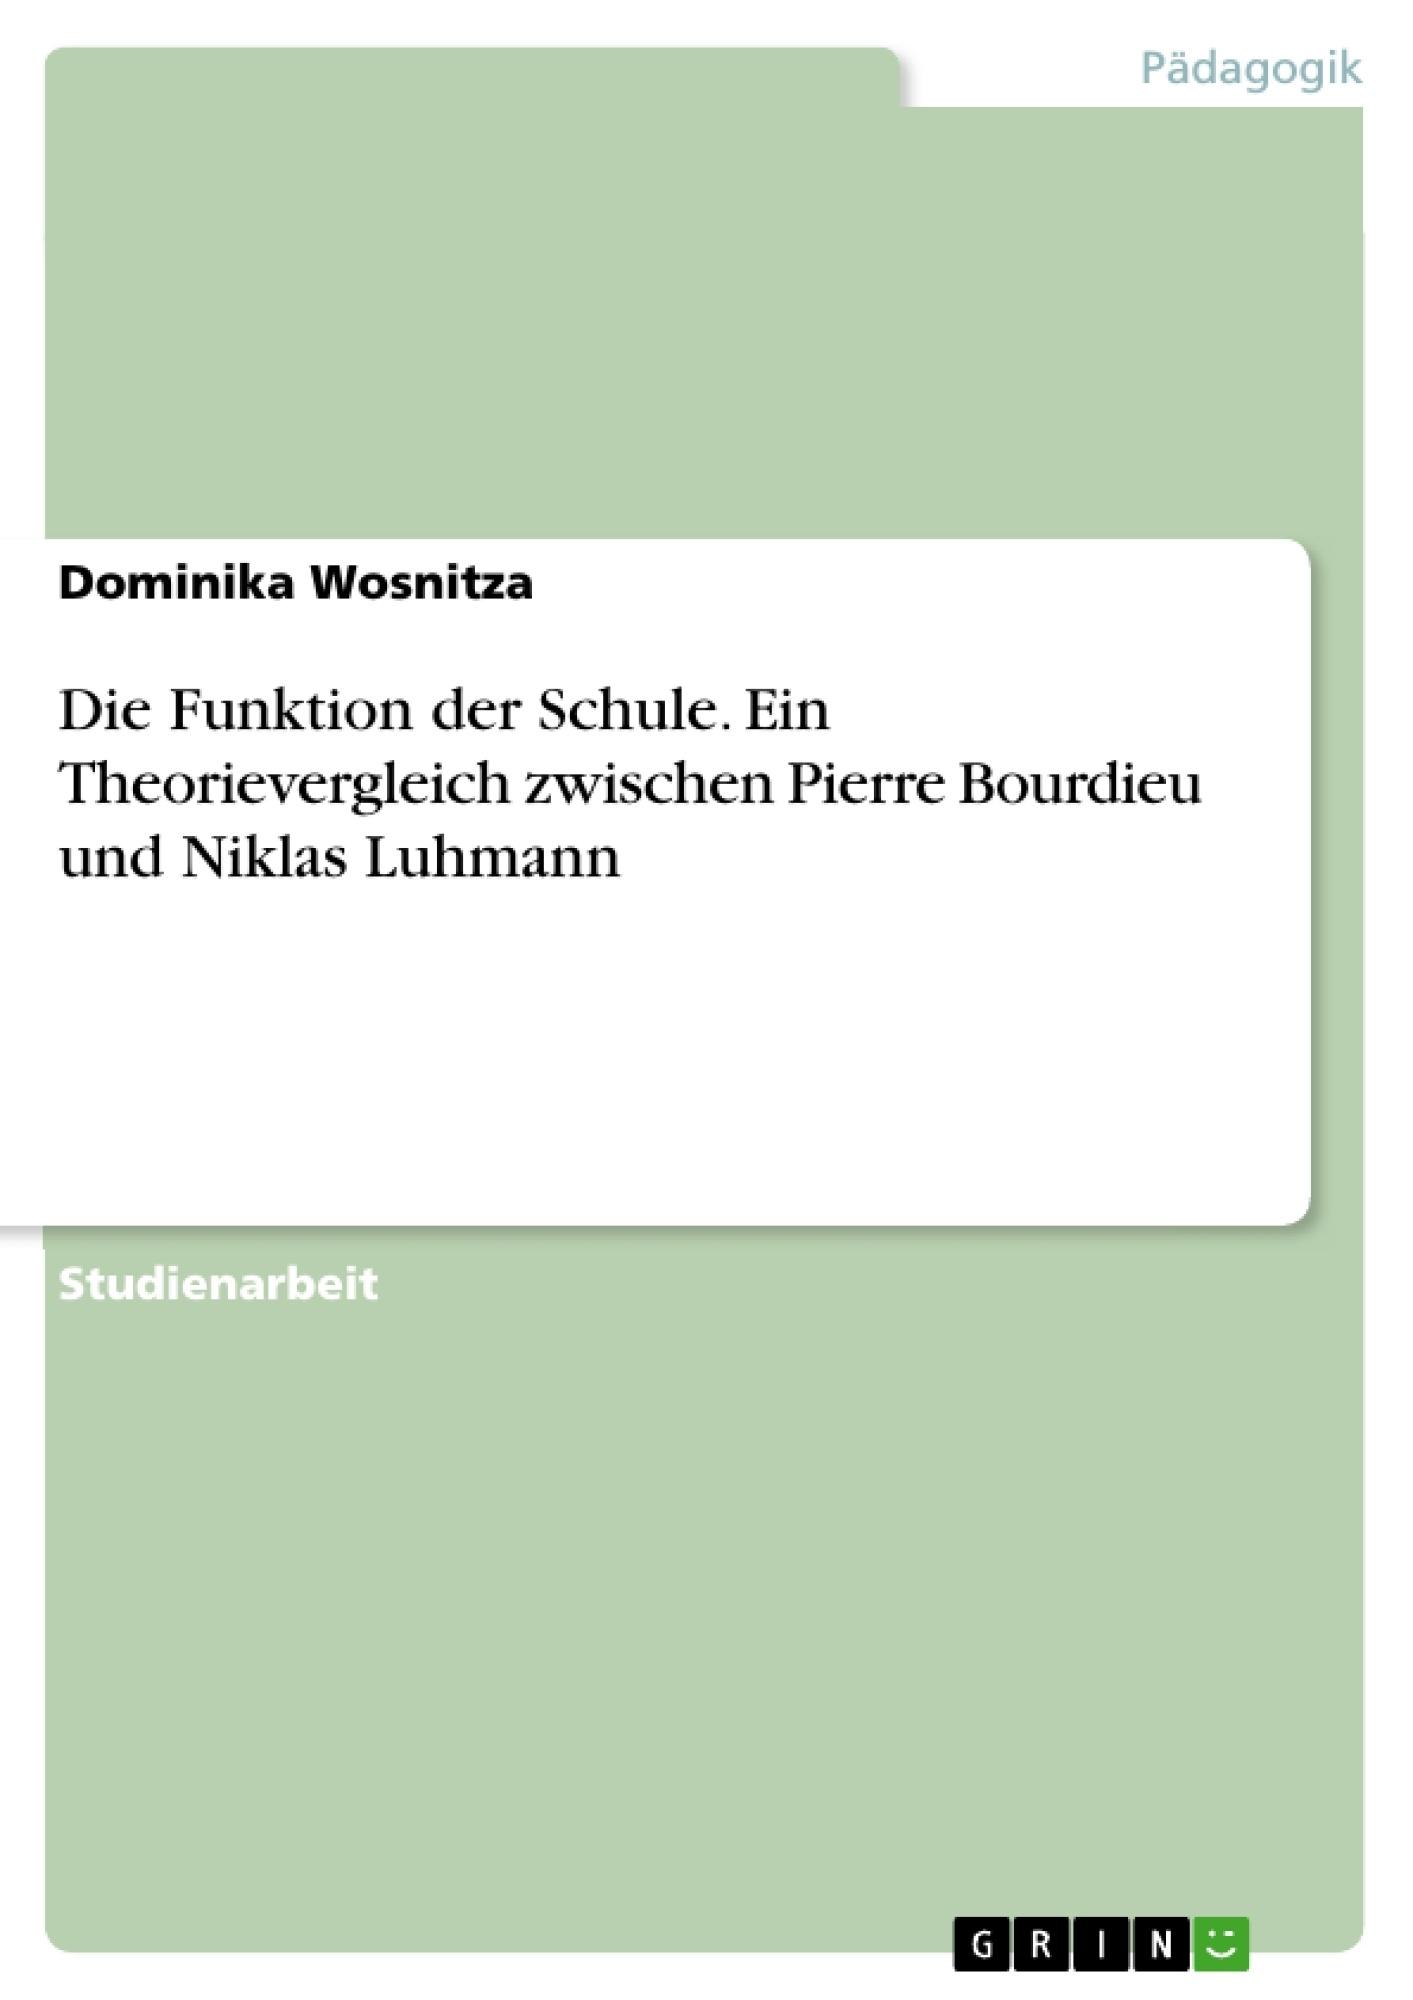 Titel: Die Funktion der Schule. Ein Theorievergleich zwischen Pierre Bourdieu und Niklas Luhmann